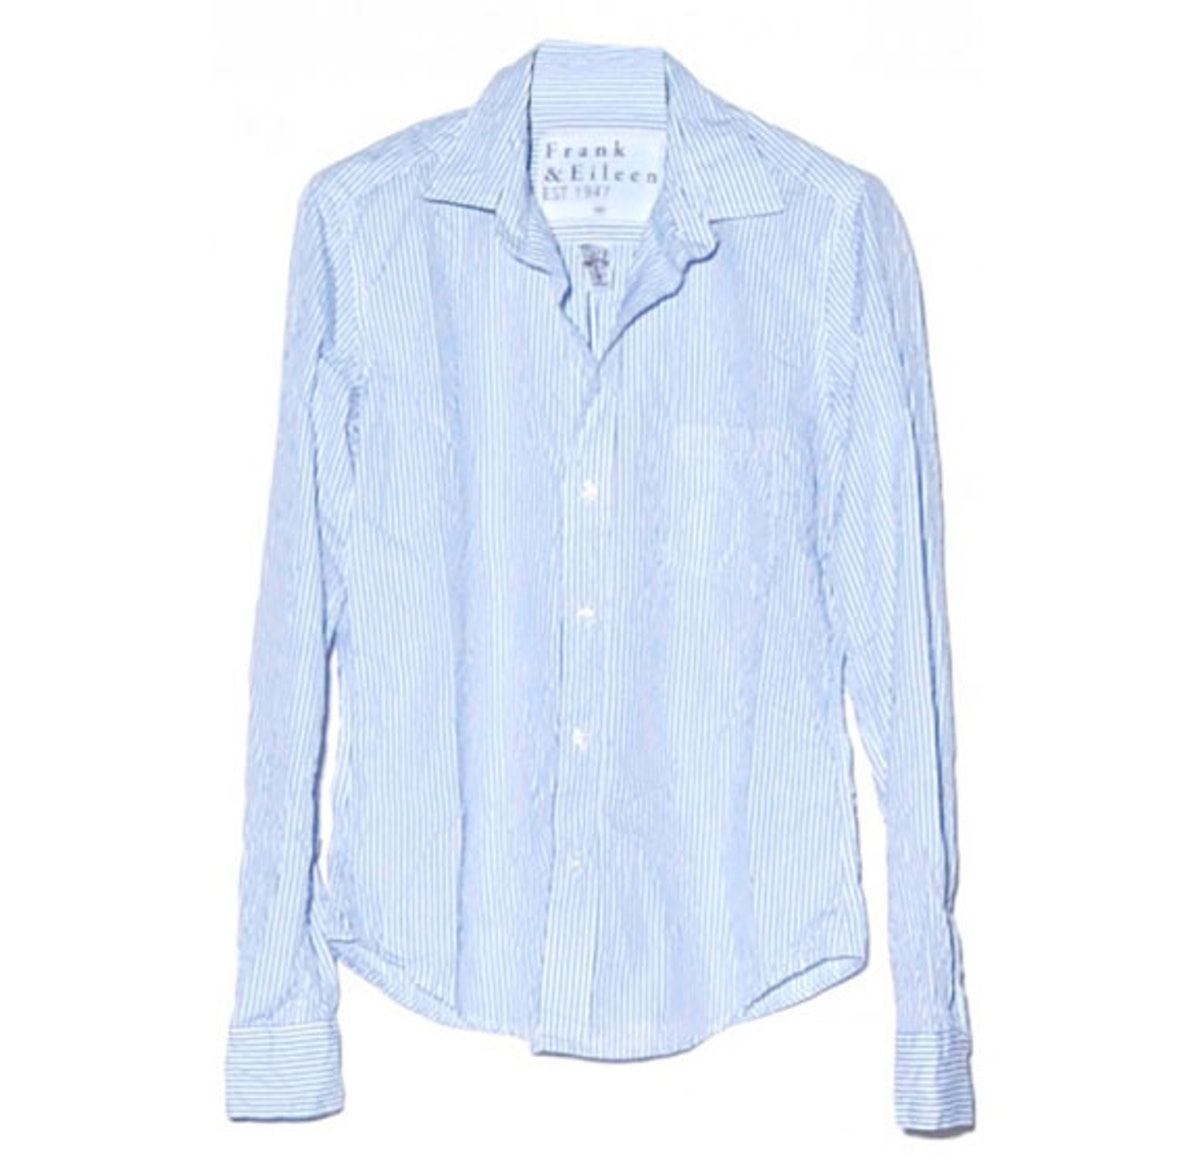 Frank & Eileen Button Up Shirt